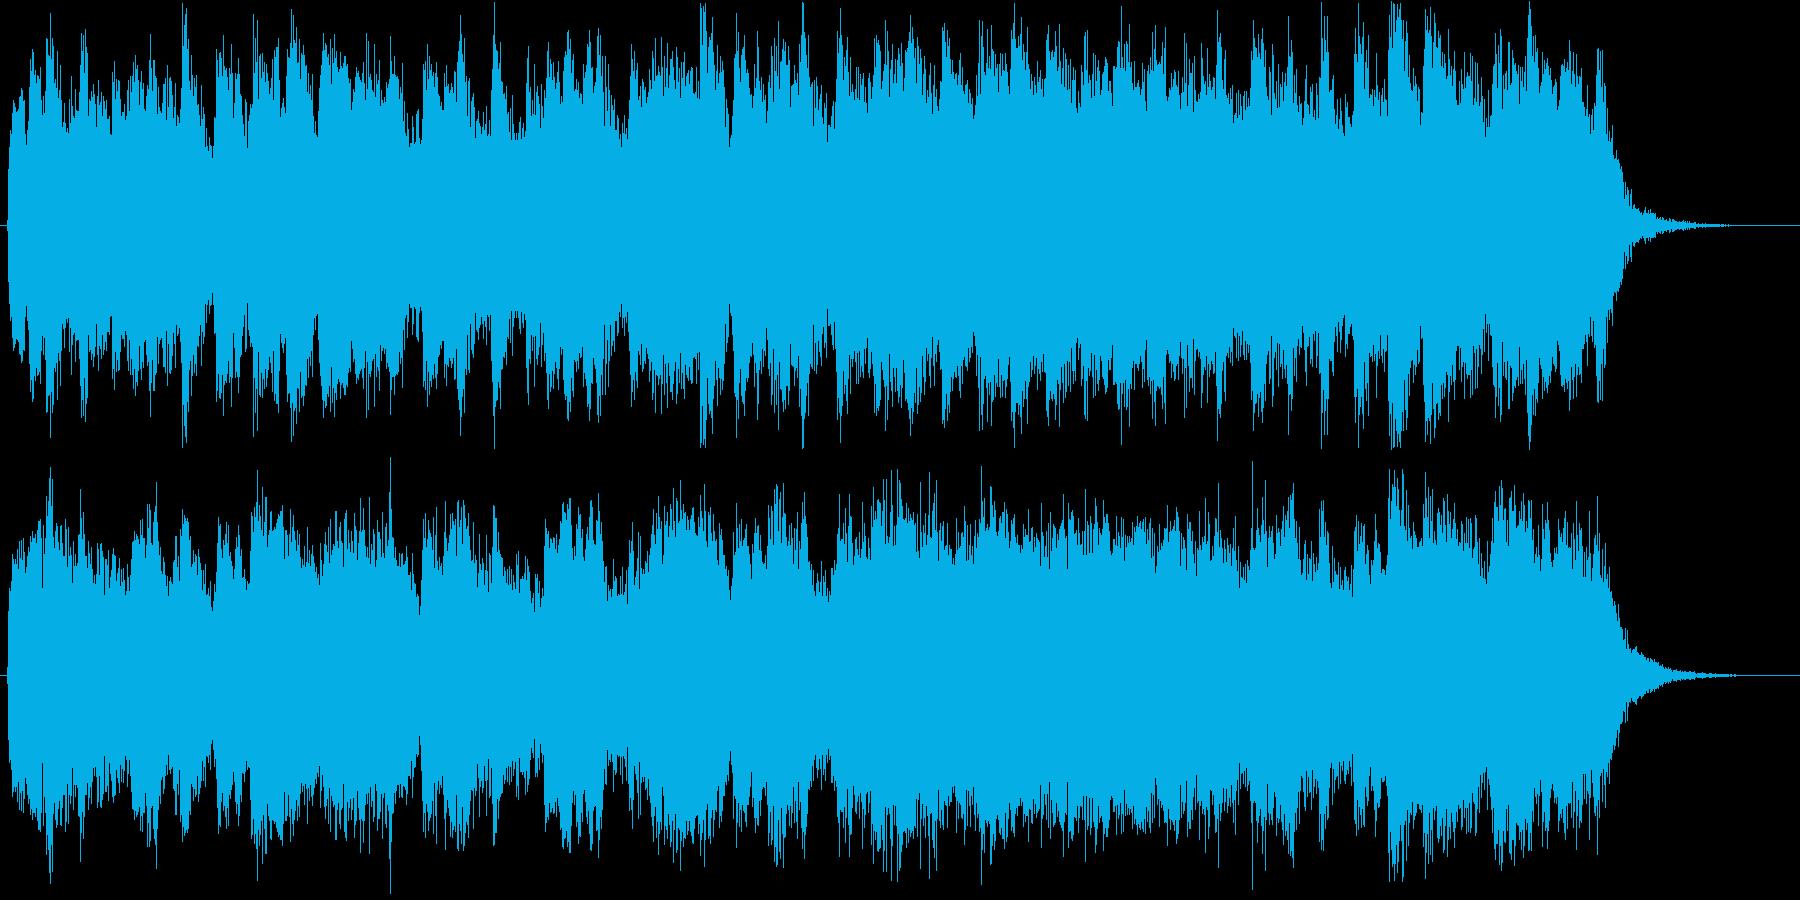 22秒/オーケストラワルツ結婚式やCMにの再生済みの波形